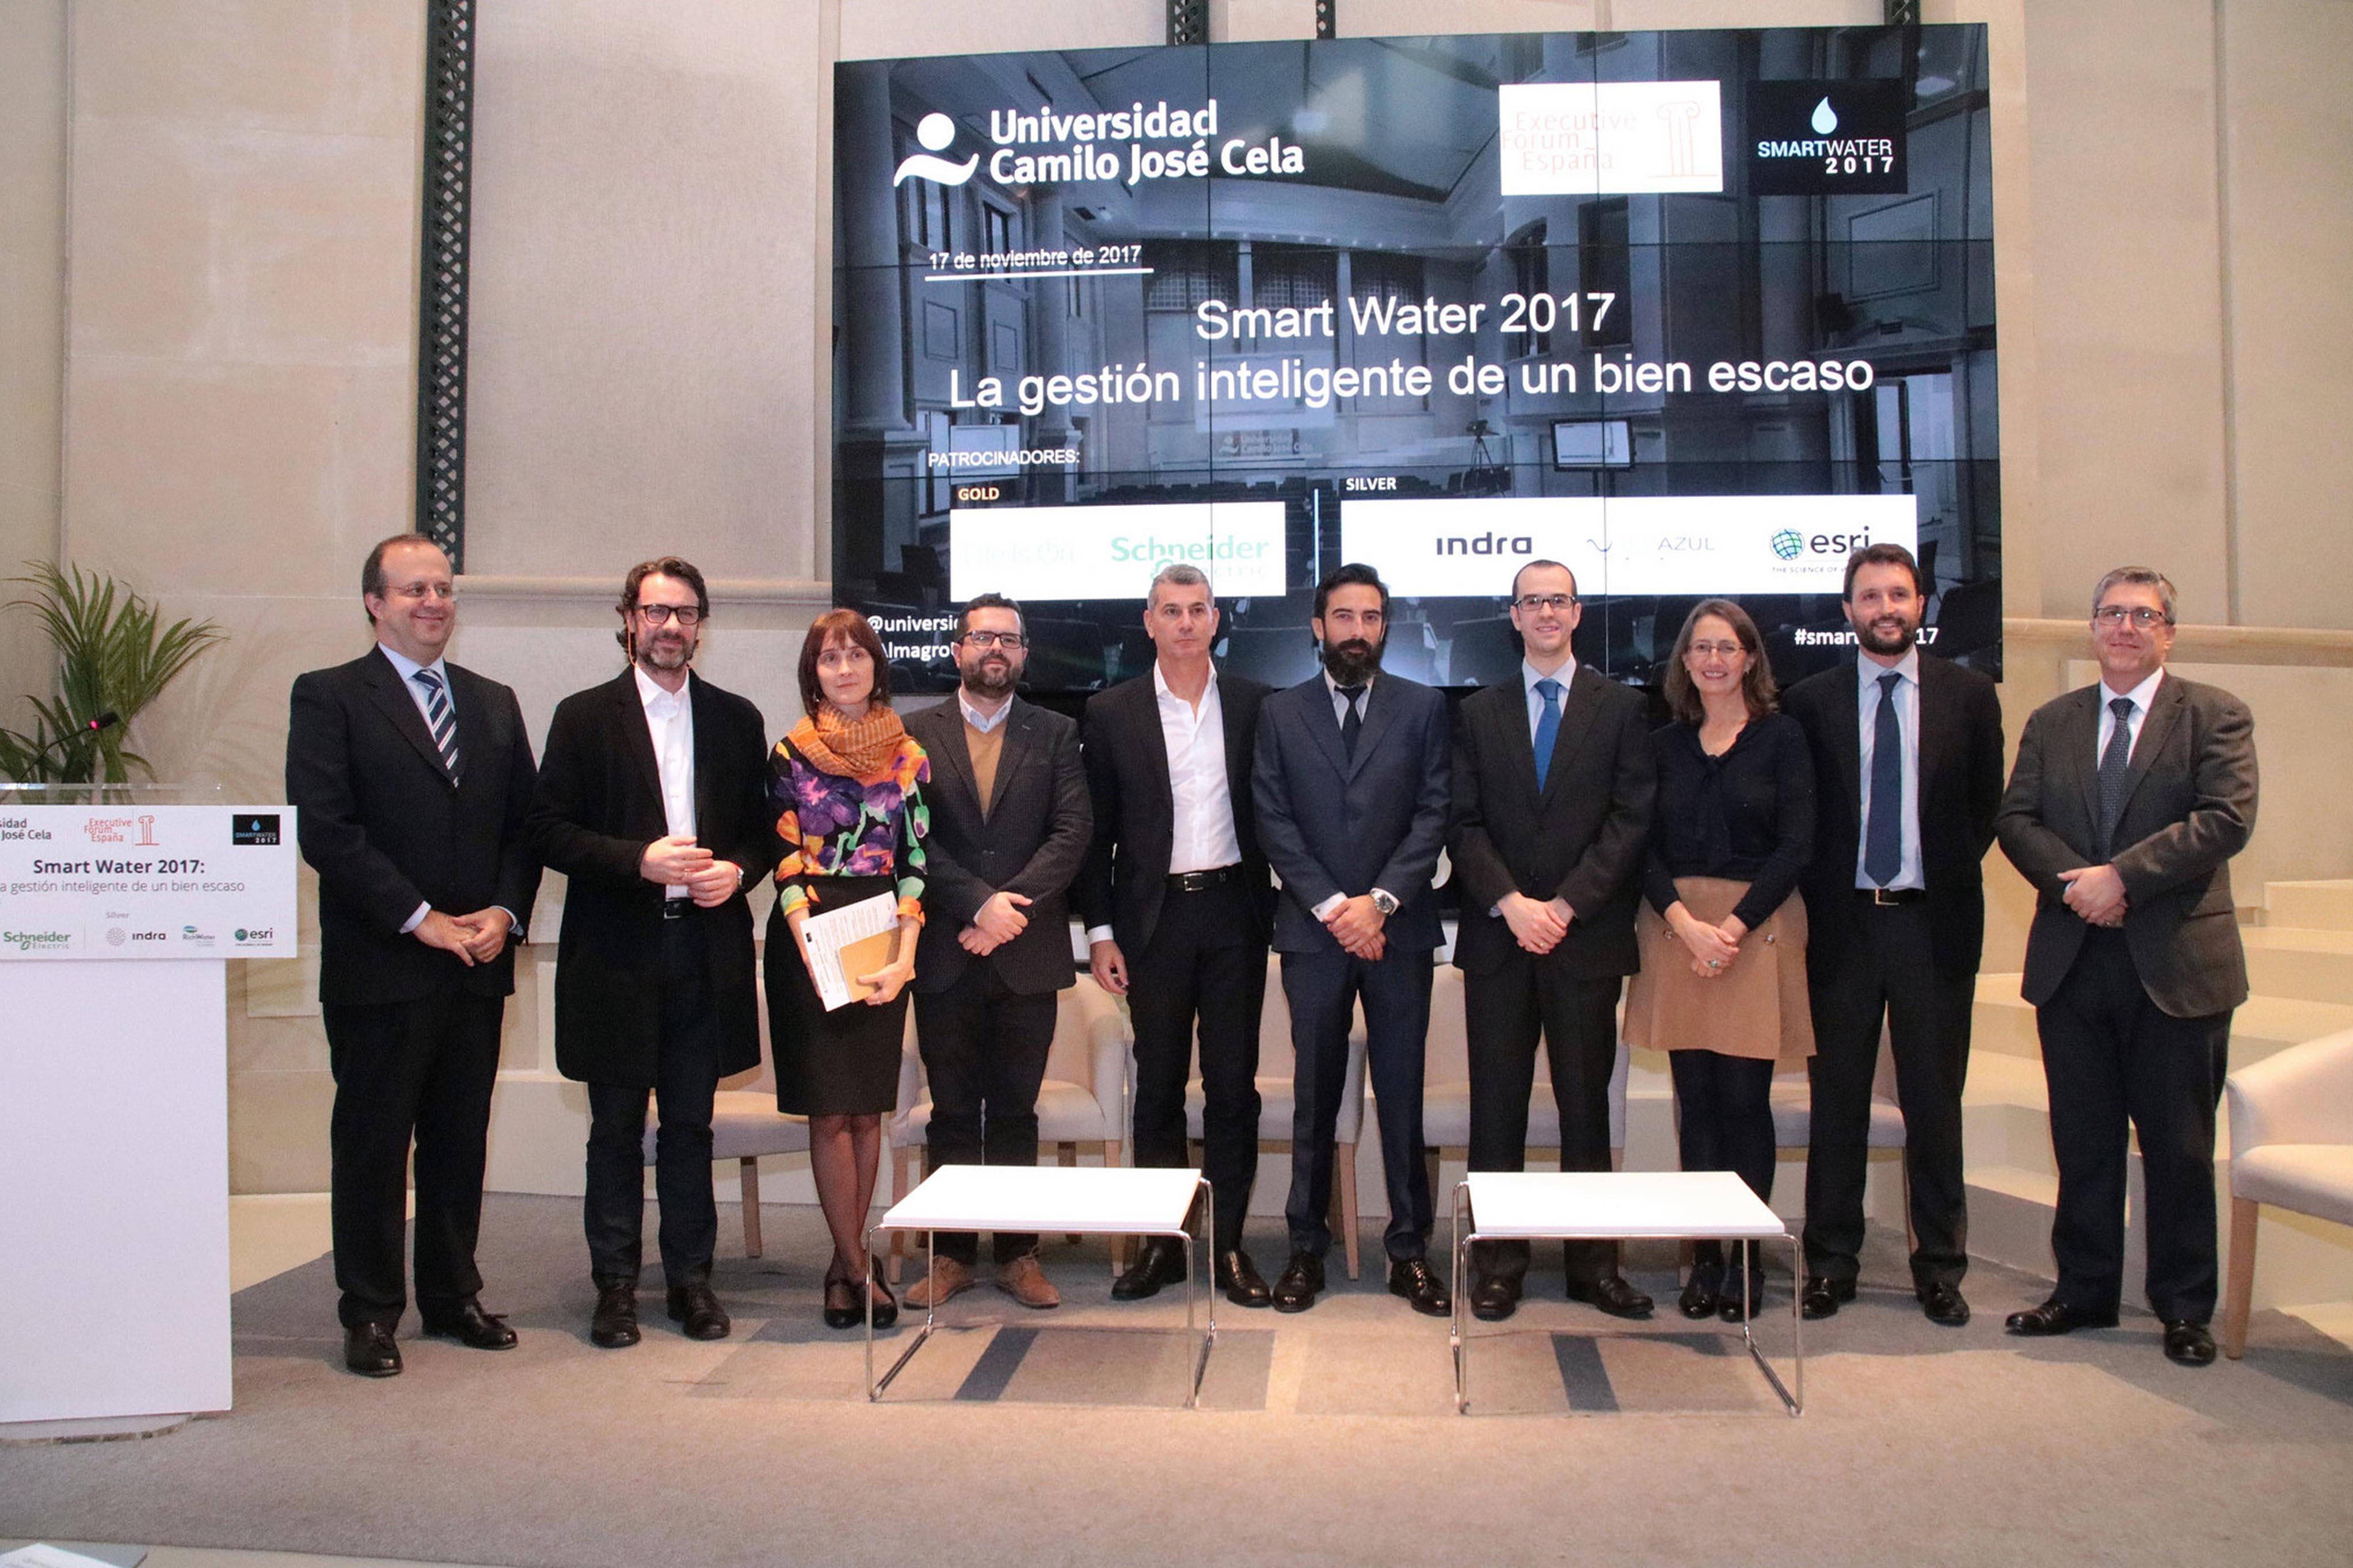 SMART WATER 2017 regeneración de aguas residuales